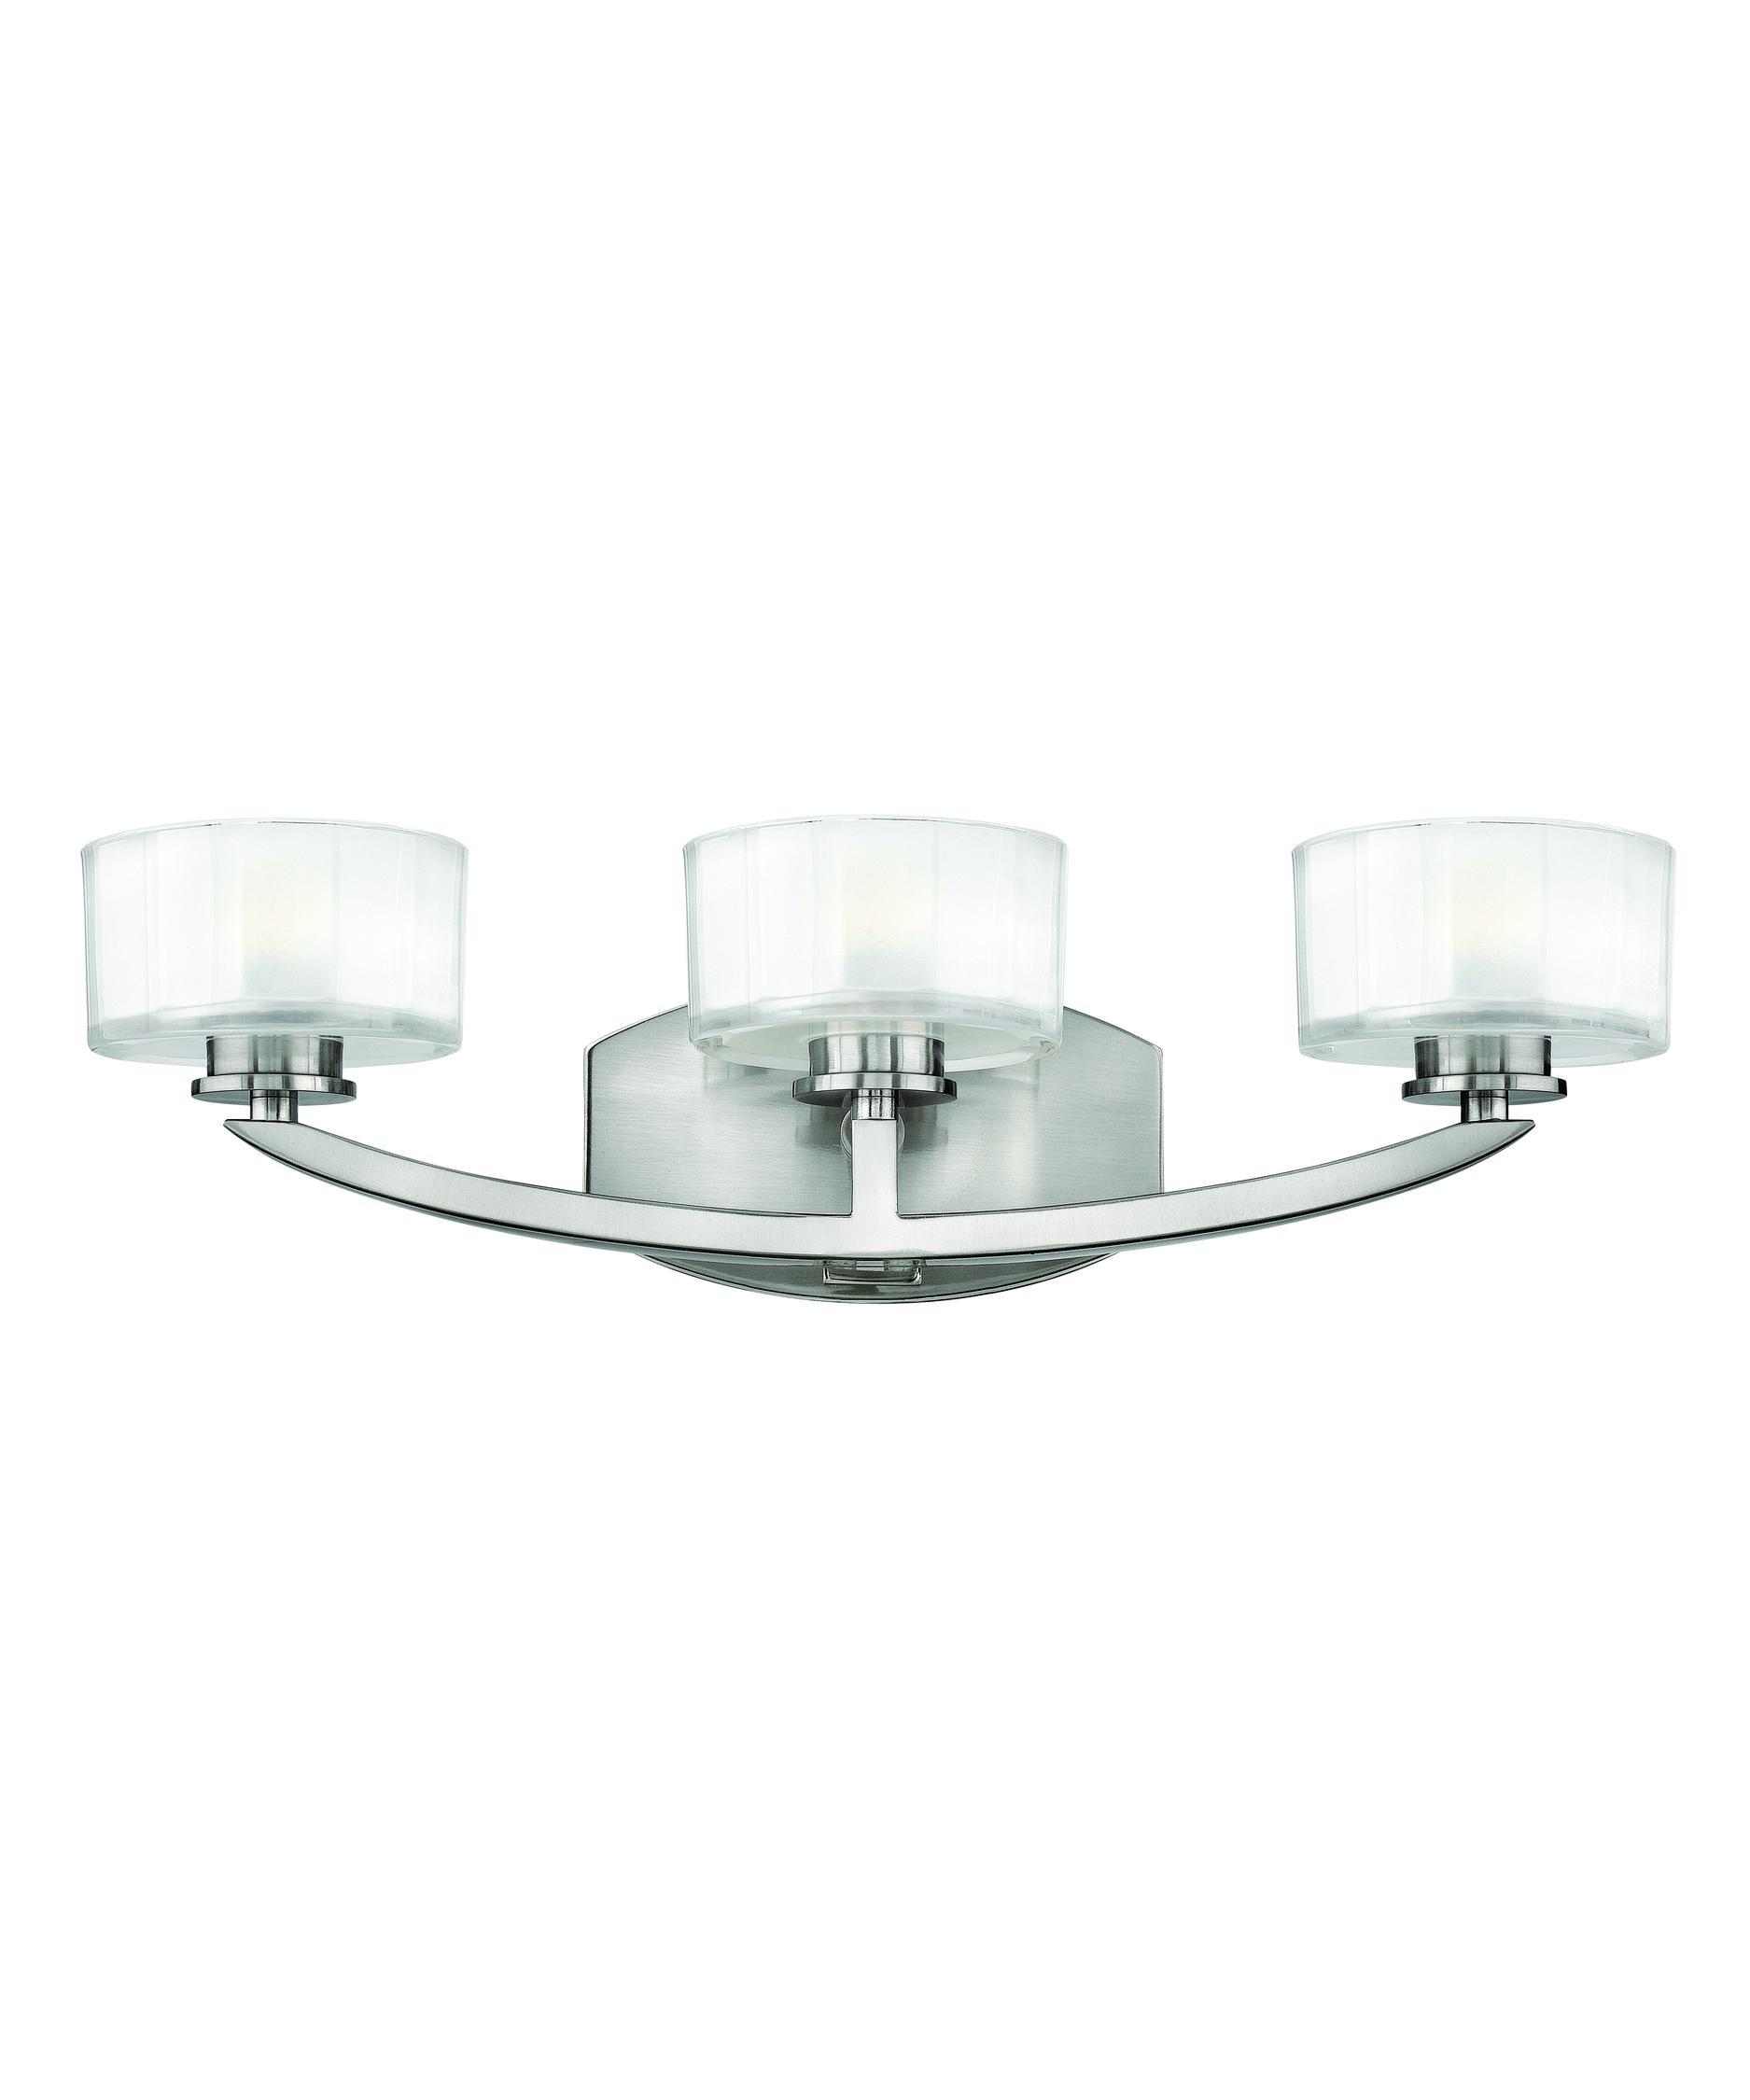 Hinkley Lighting 5593 Meridian 21 Inch Wide Bath Vanity Light